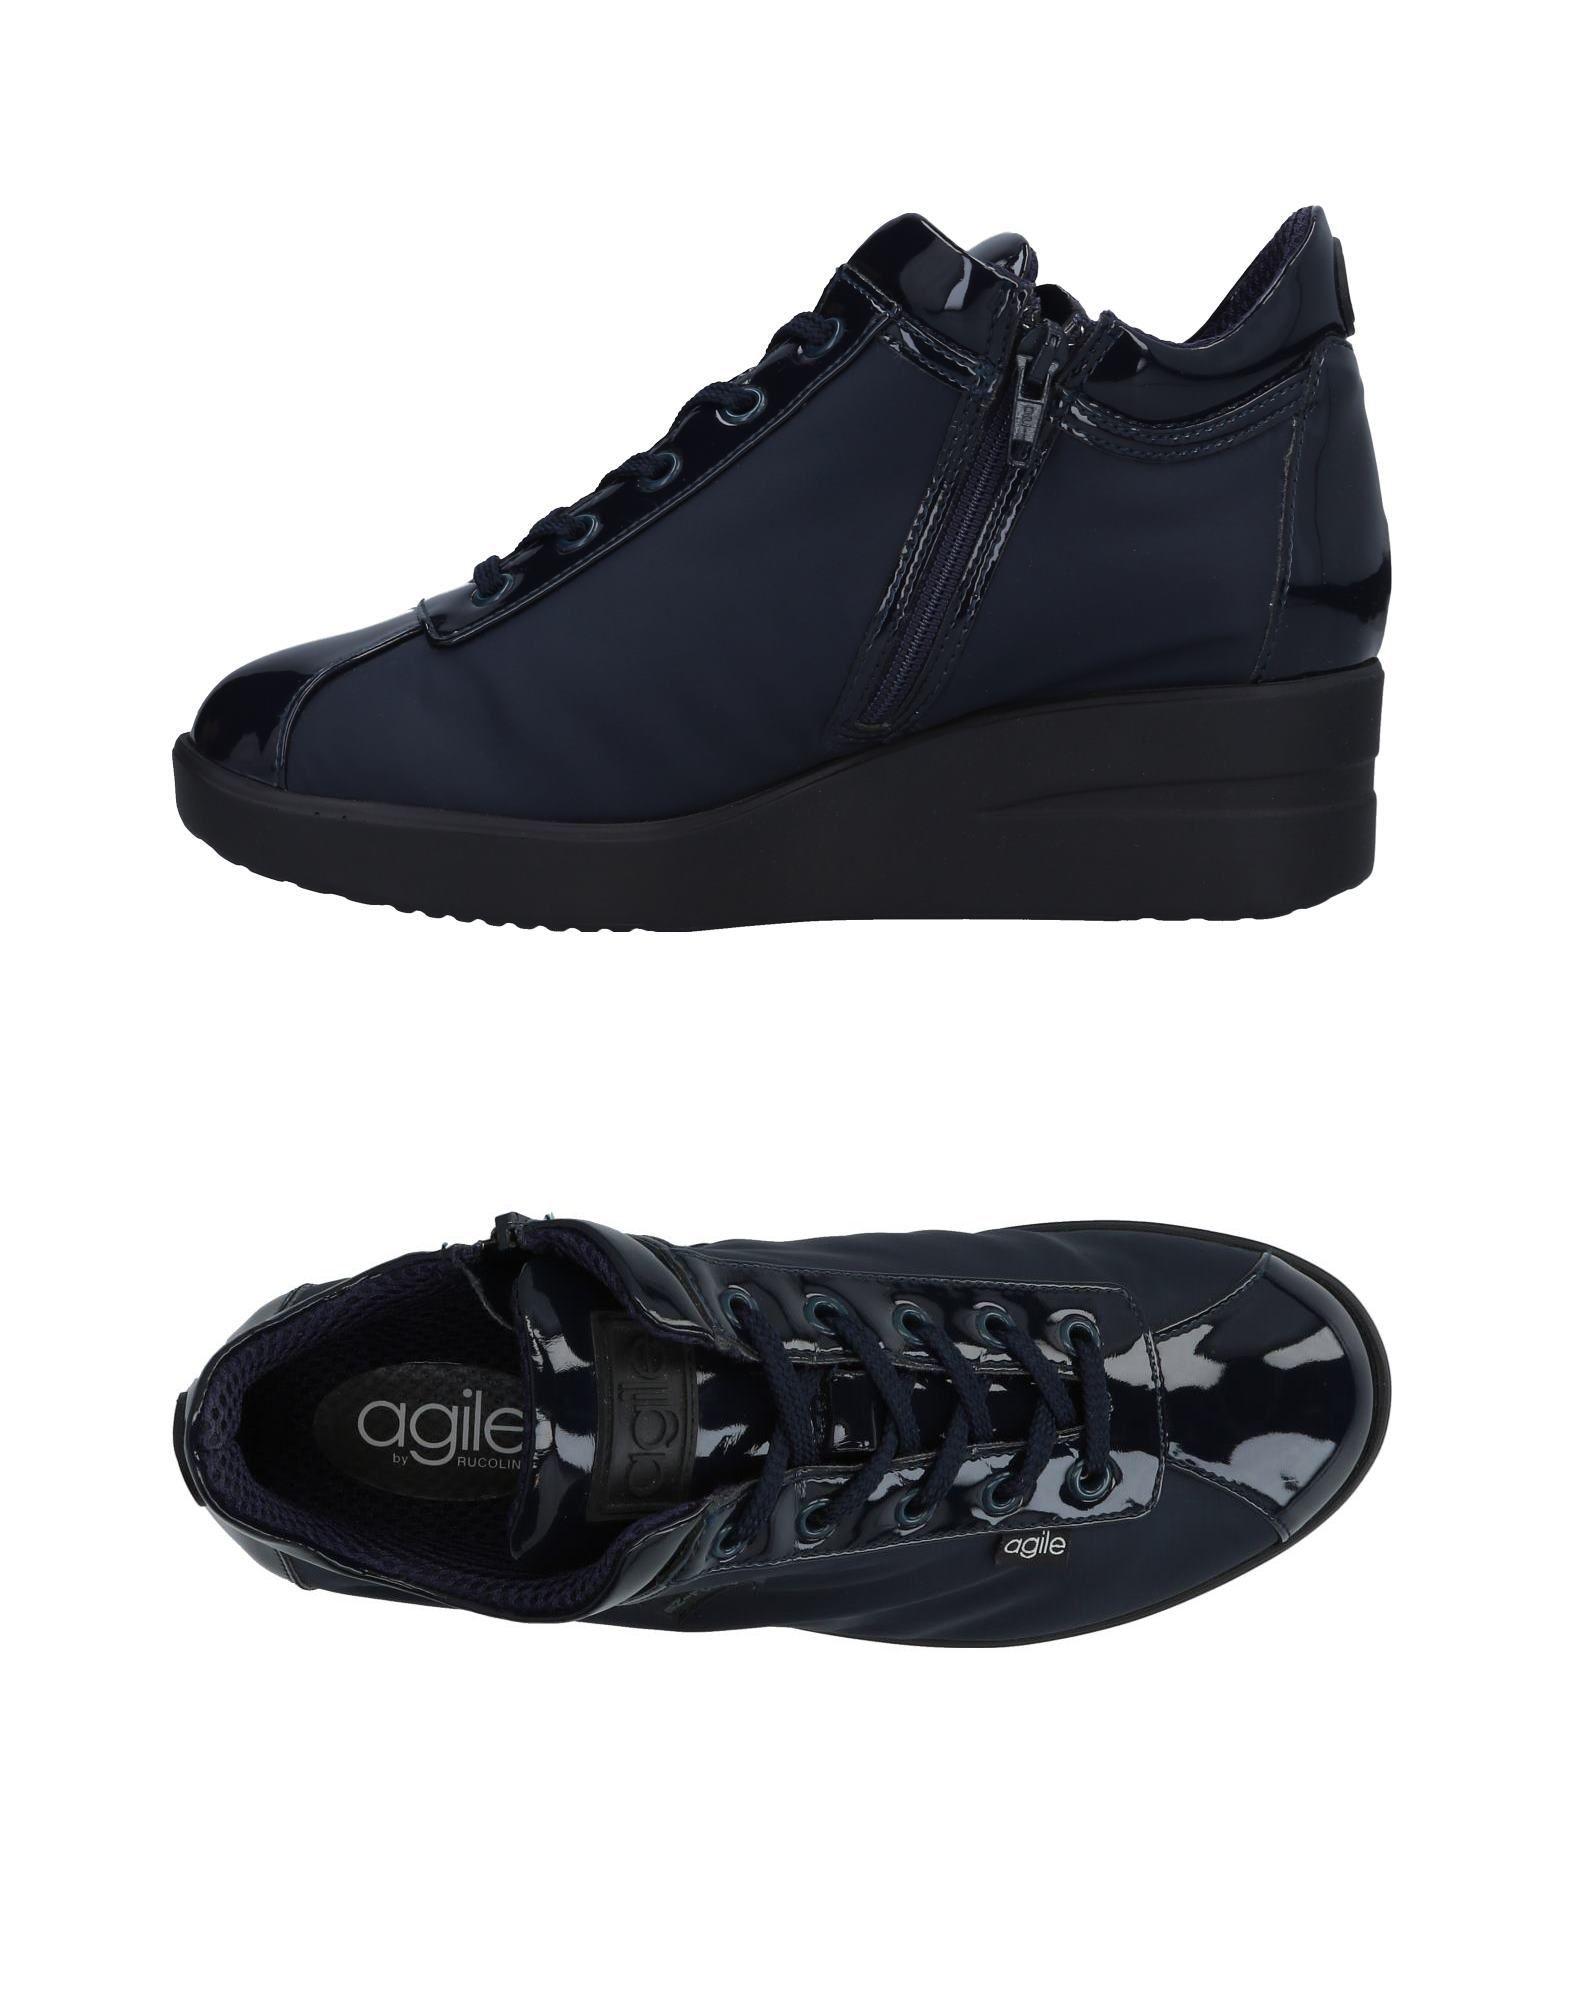 Agile Women By Rucoline Sneakers - Women Agile Agile By Rucoline Sneakers online on  United Kingdom - 11496944VP 678585